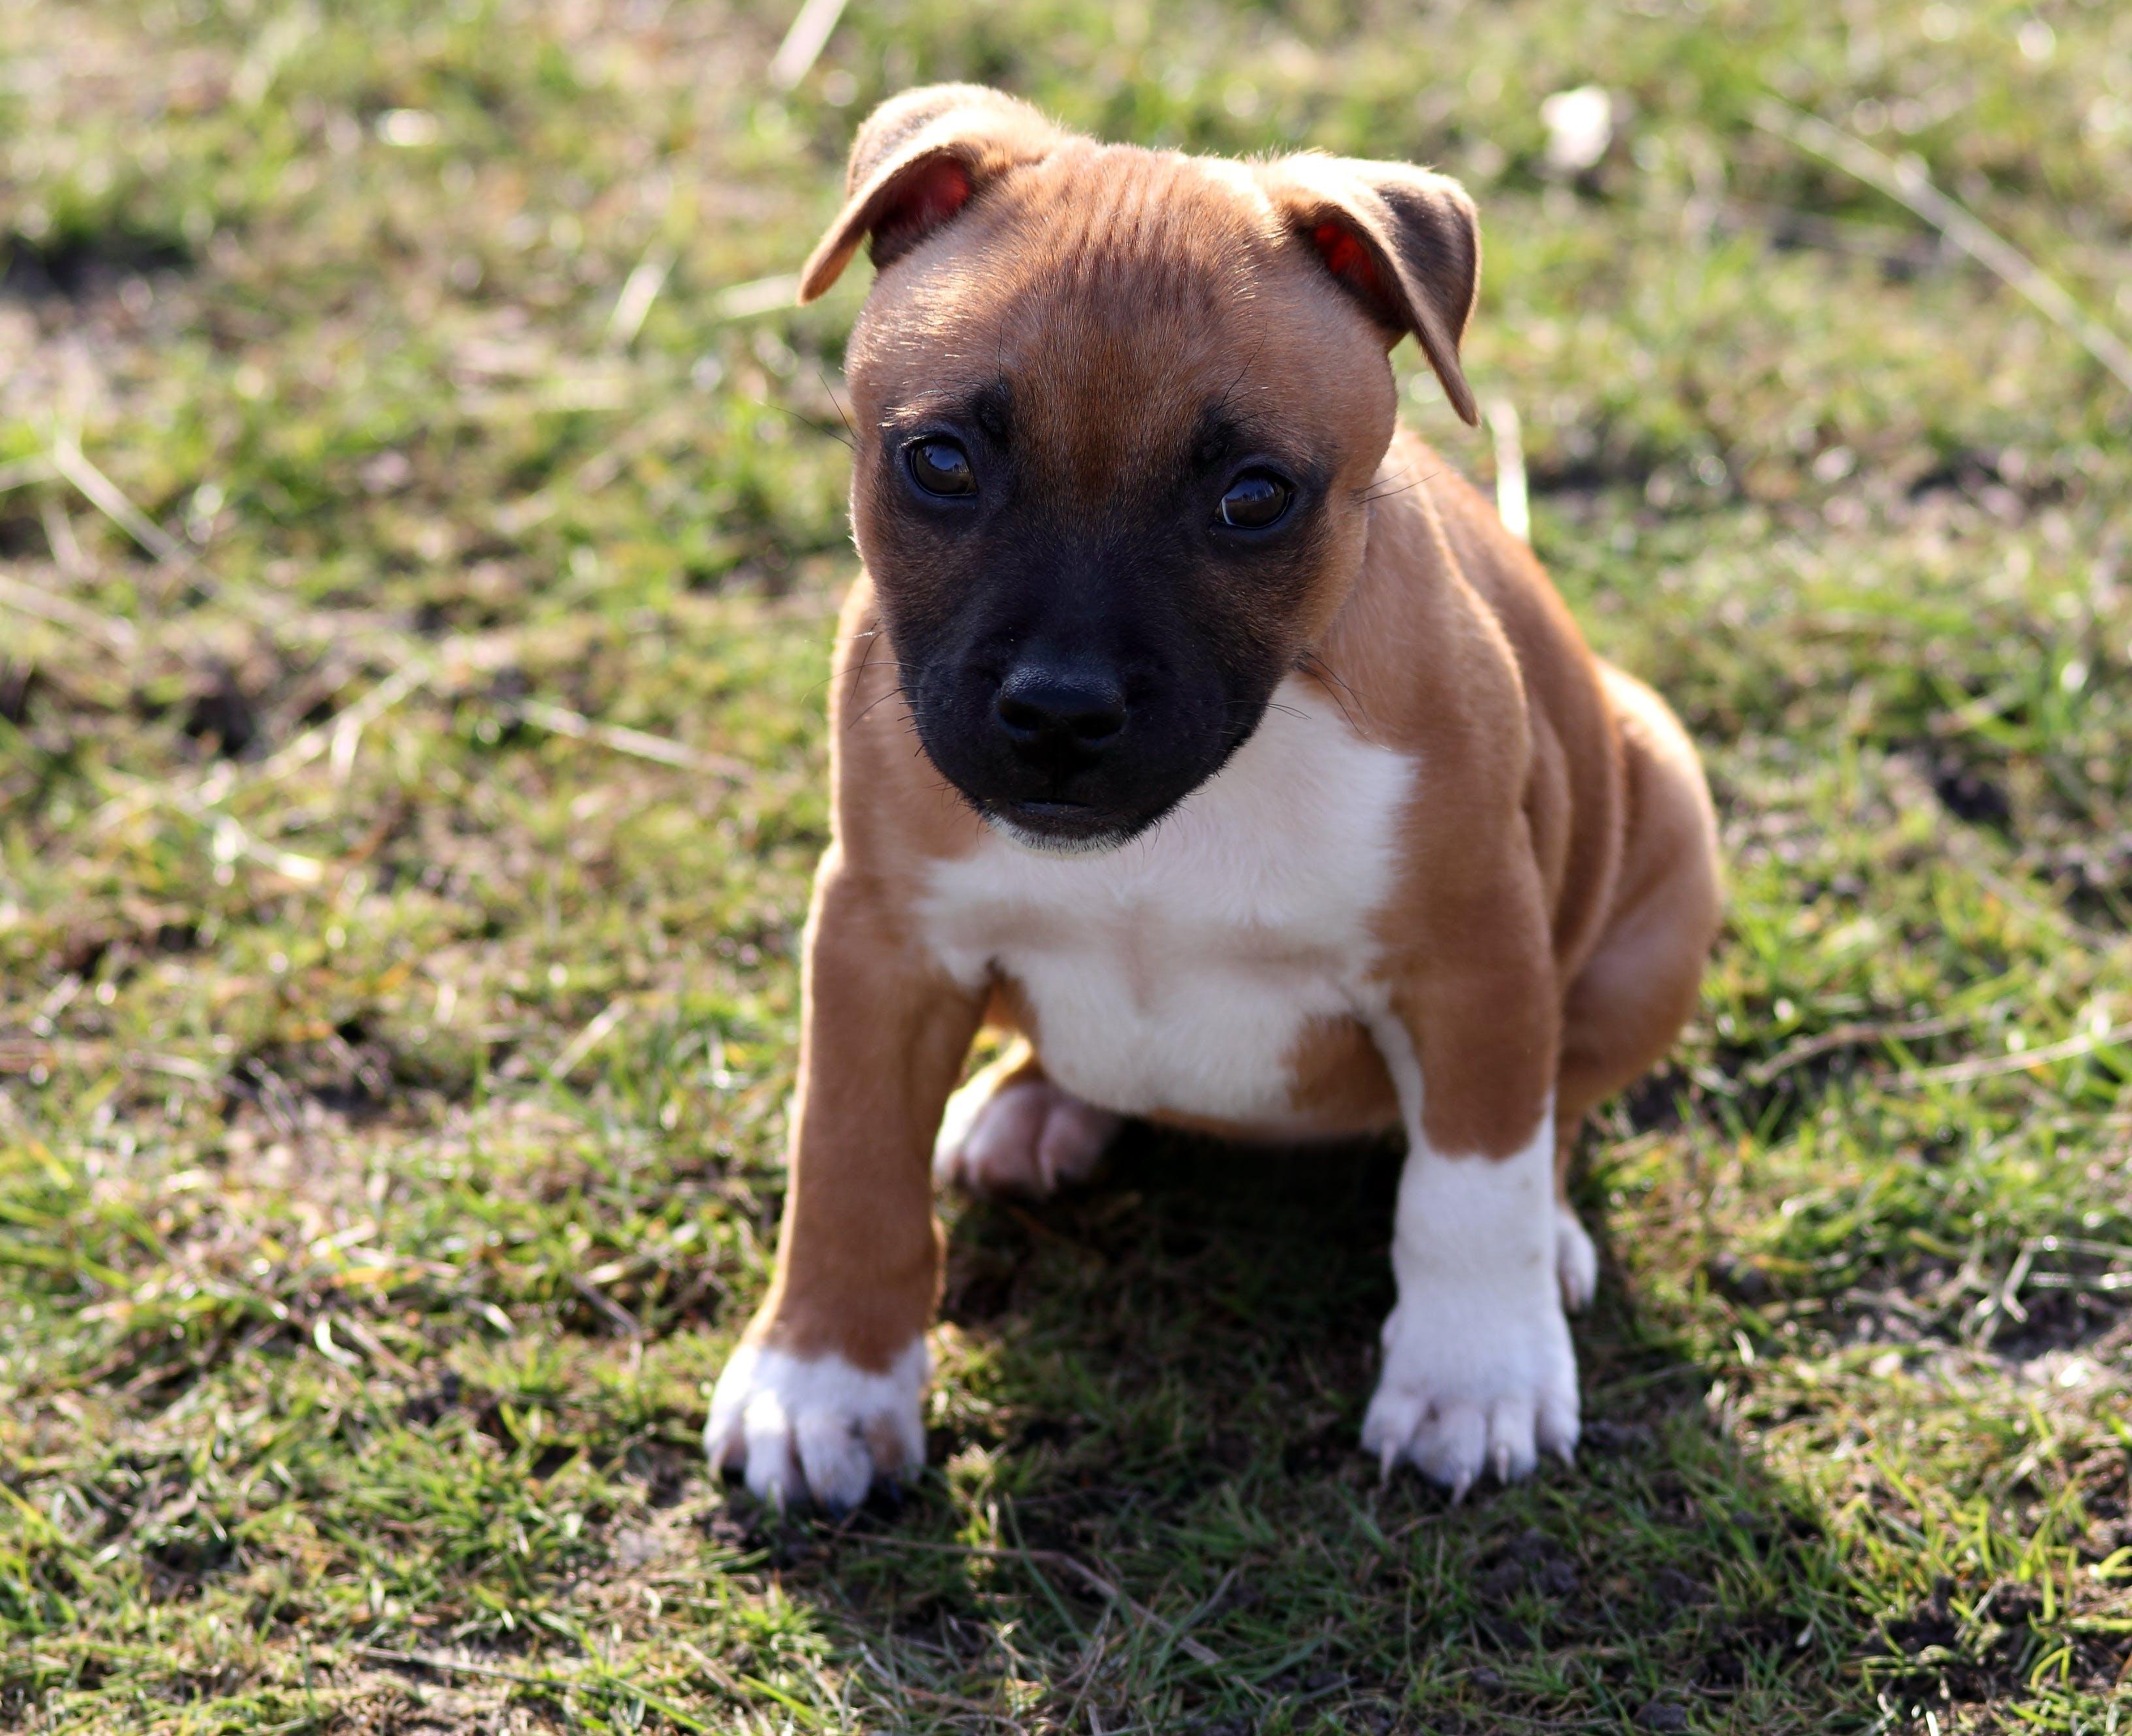 bakmak, çim, evcil, Evcil Hayvan içeren Ücretsiz stok fotoğraf